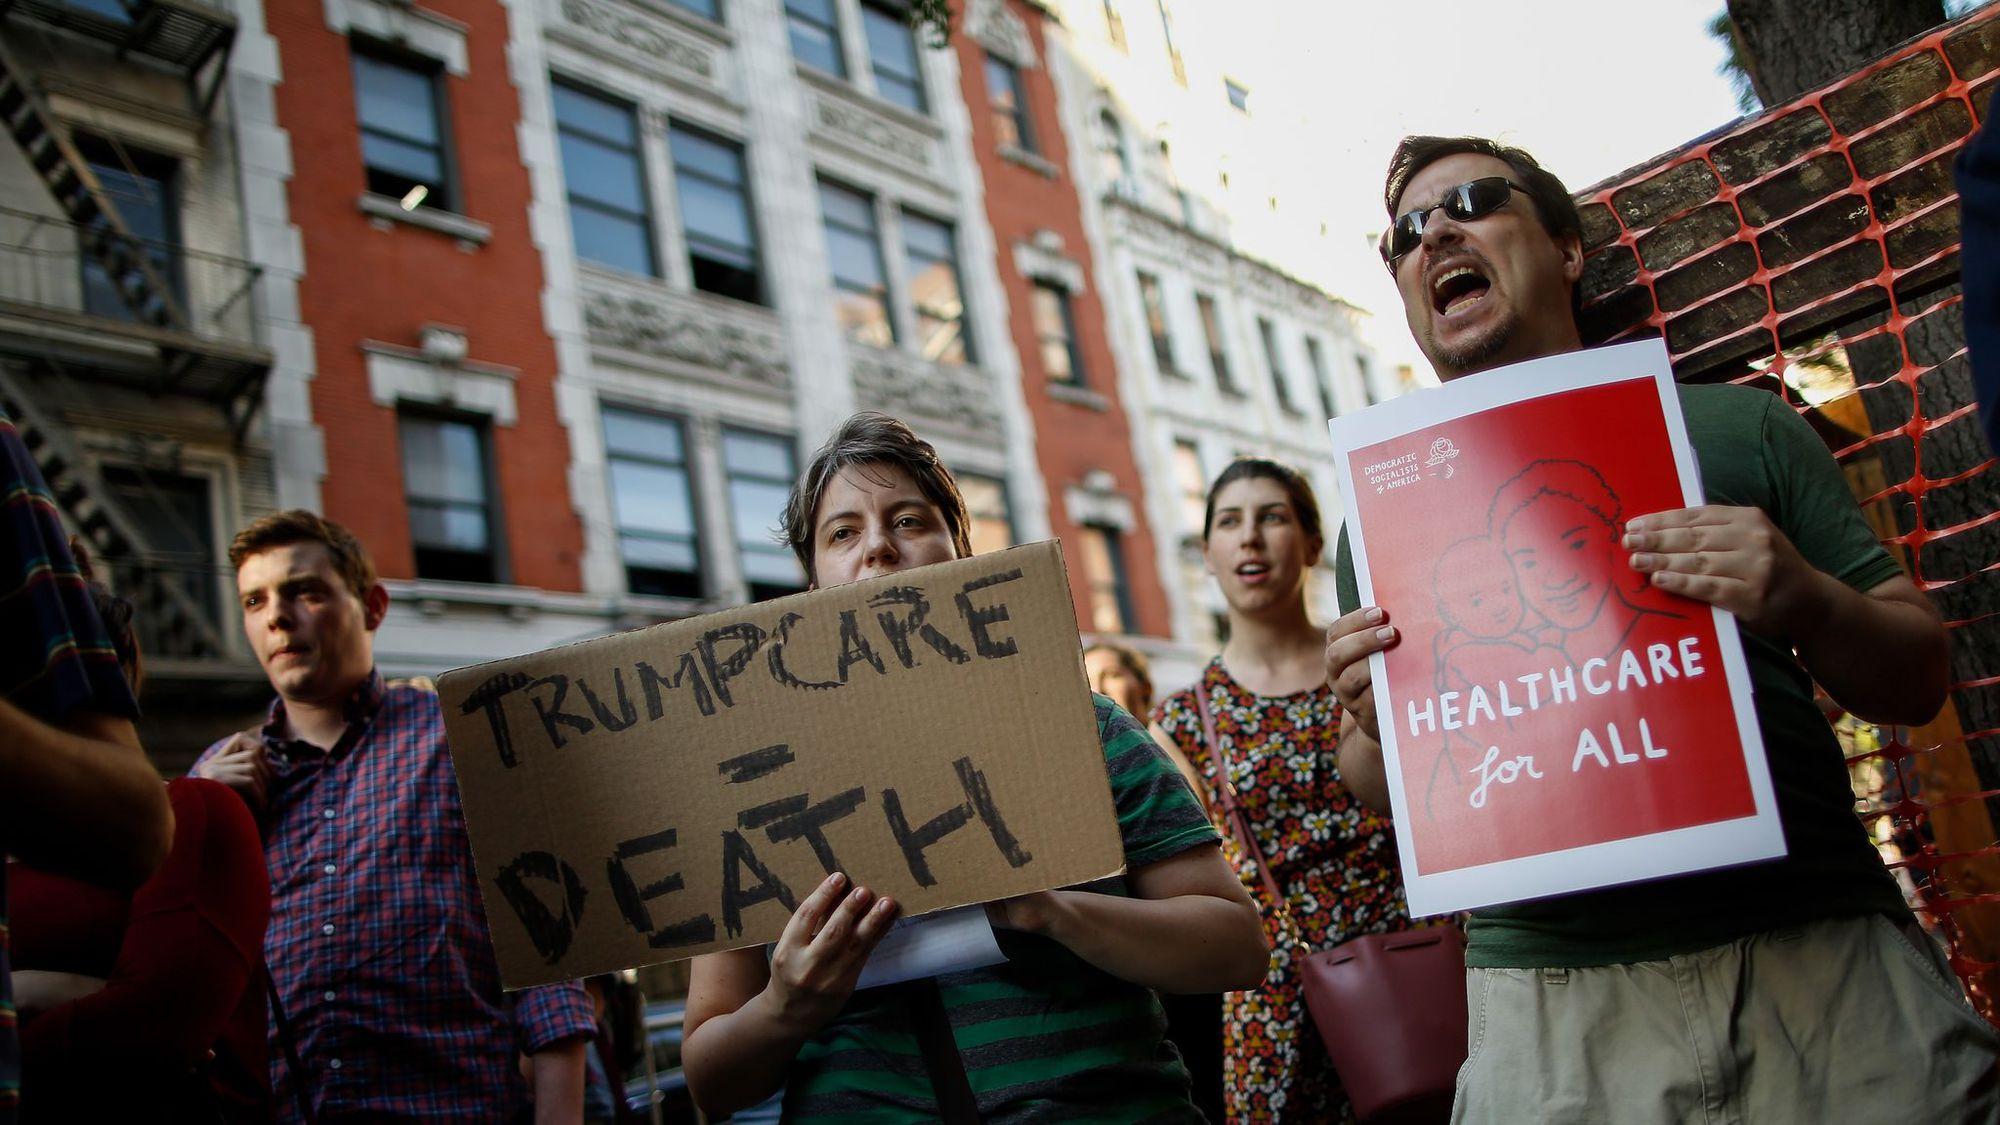 Manifestants défenseurs de l'obamacare